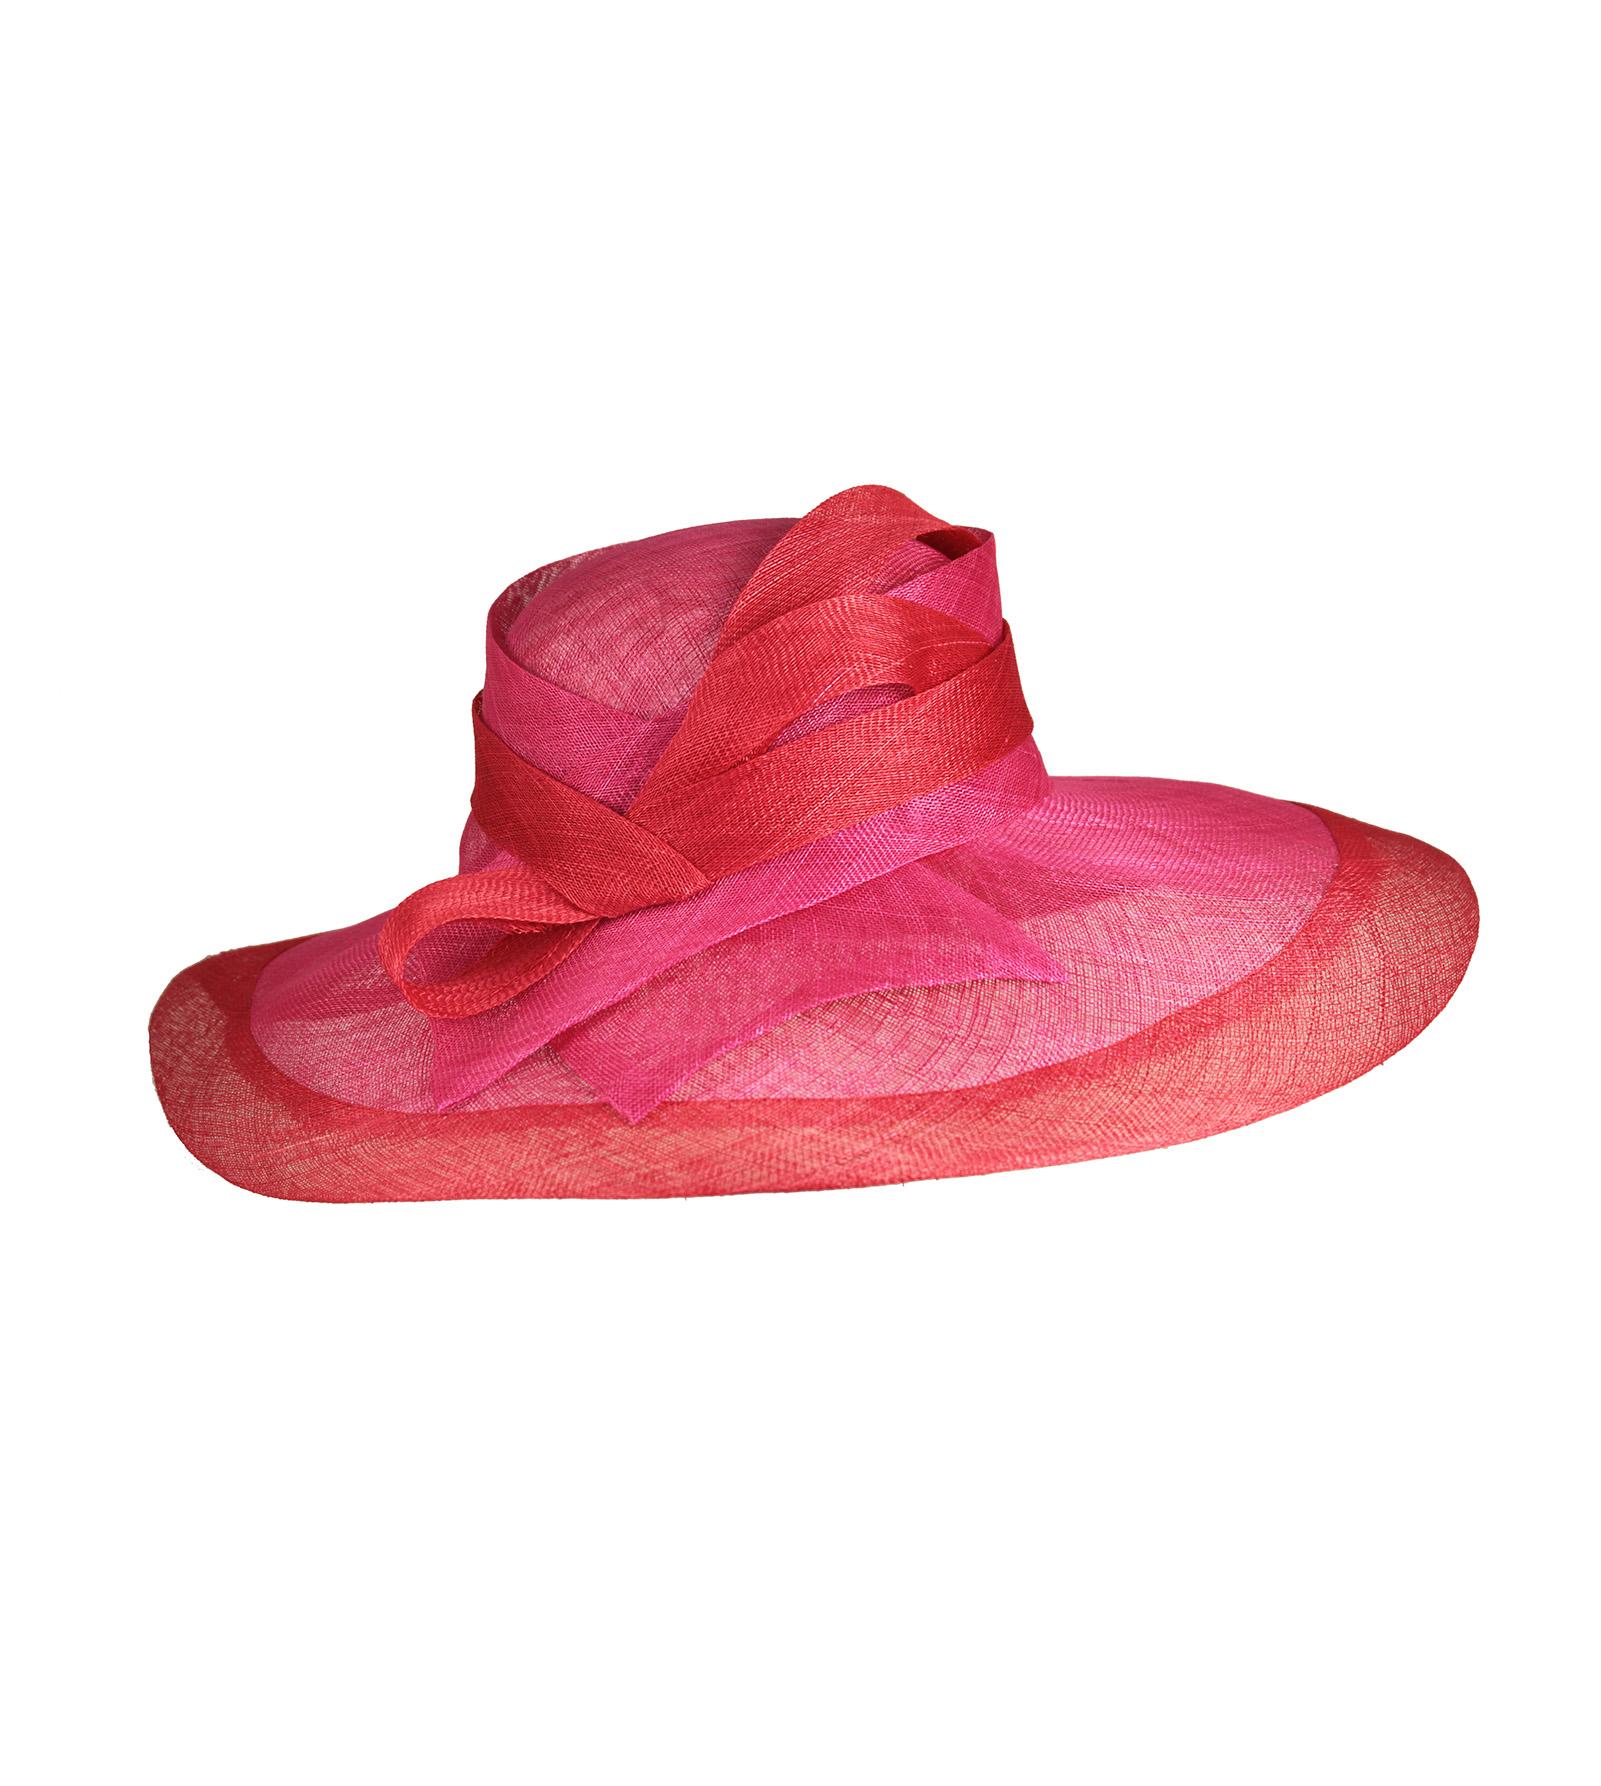 Cappello da cerimonia rosa e rosso per l'estate Marzi